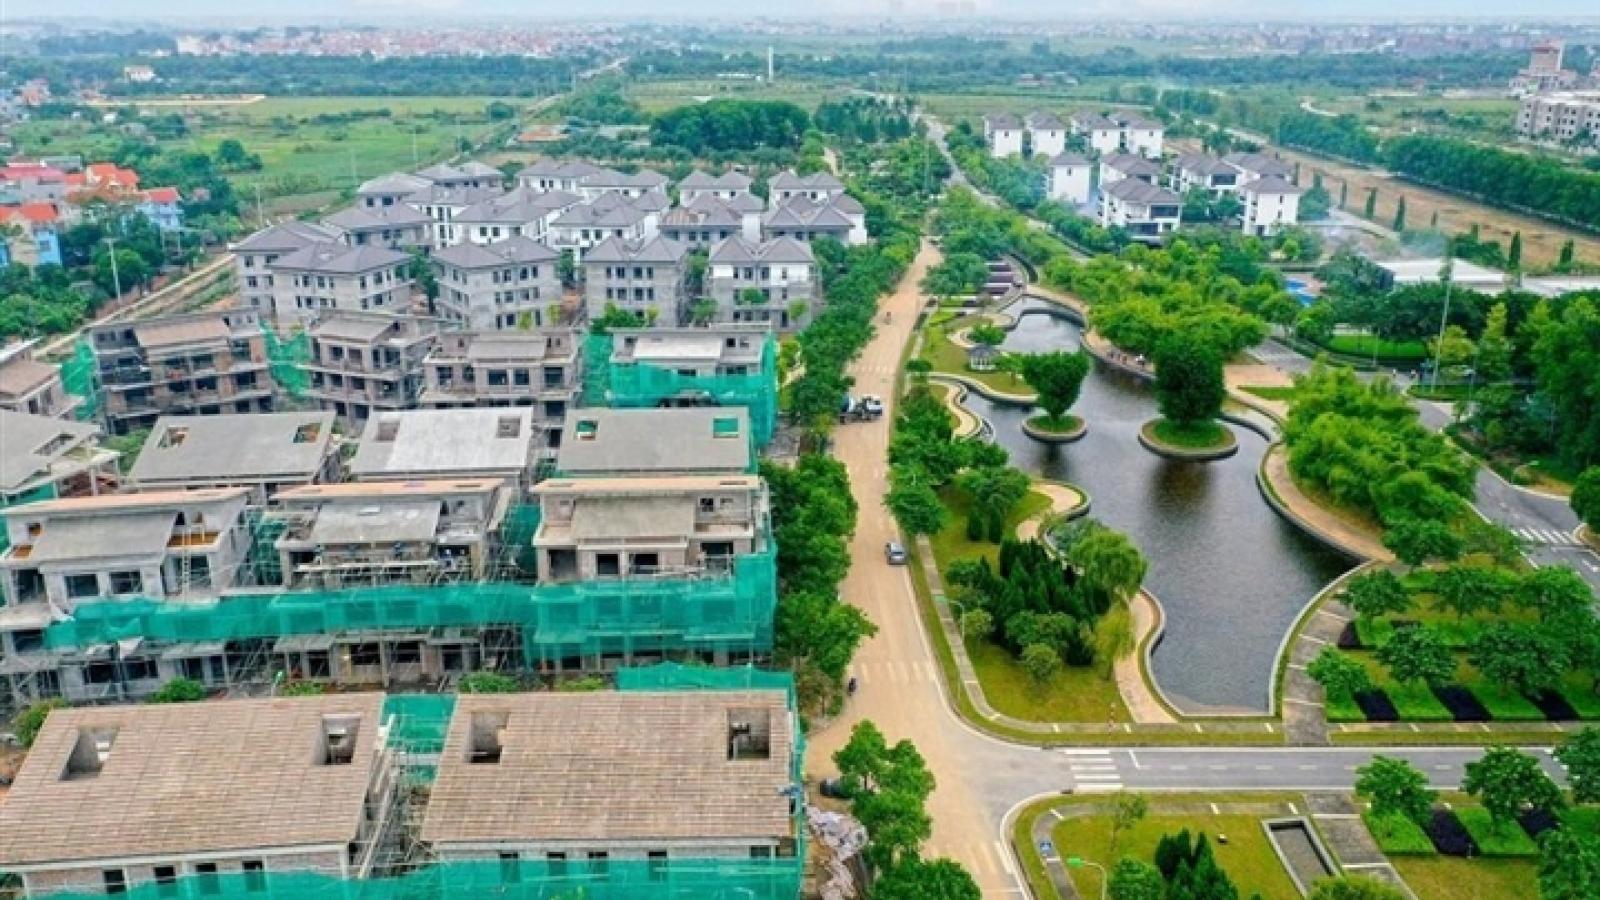 Vì sao giá đất nền ven đô và nội đô Hà Nội ngày càng thu hẹp khoảng cách?